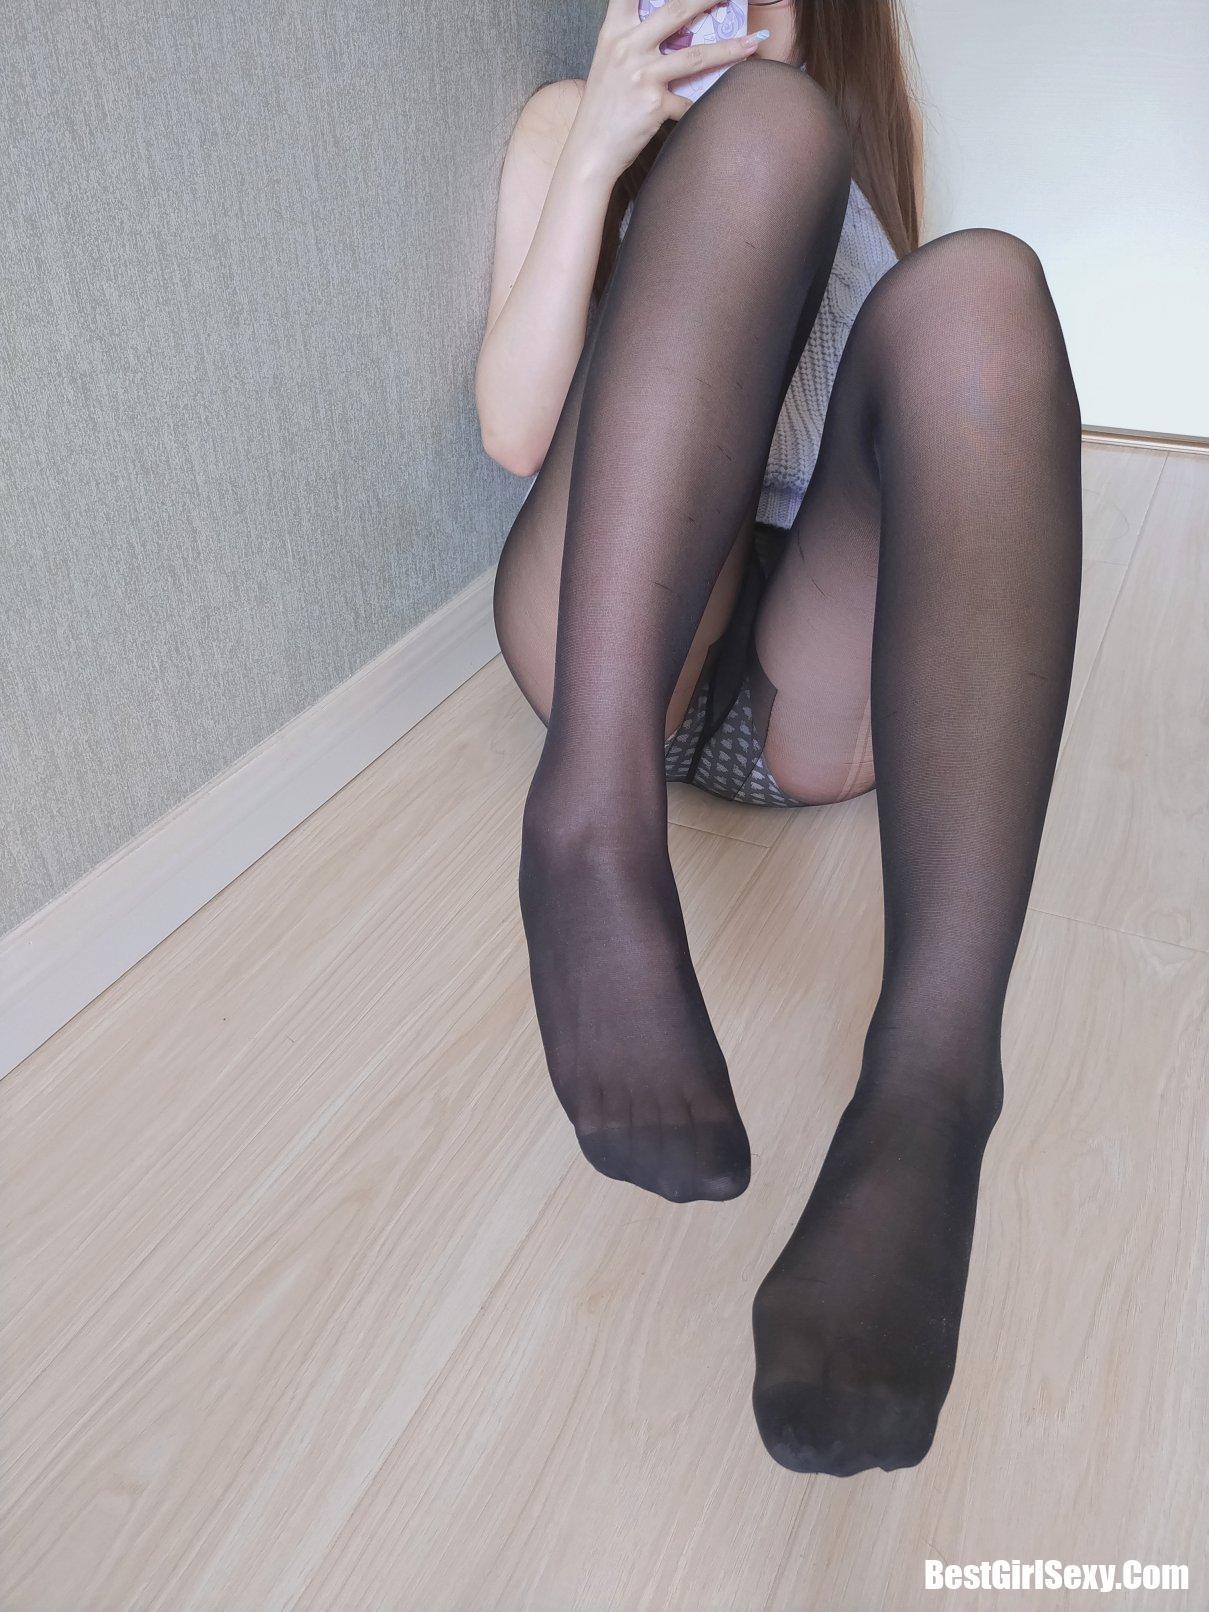 黑丝漏背毛衣, 雪晴Astra, Coser@雪晴Astra Vol.021 黑丝漏背毛衣